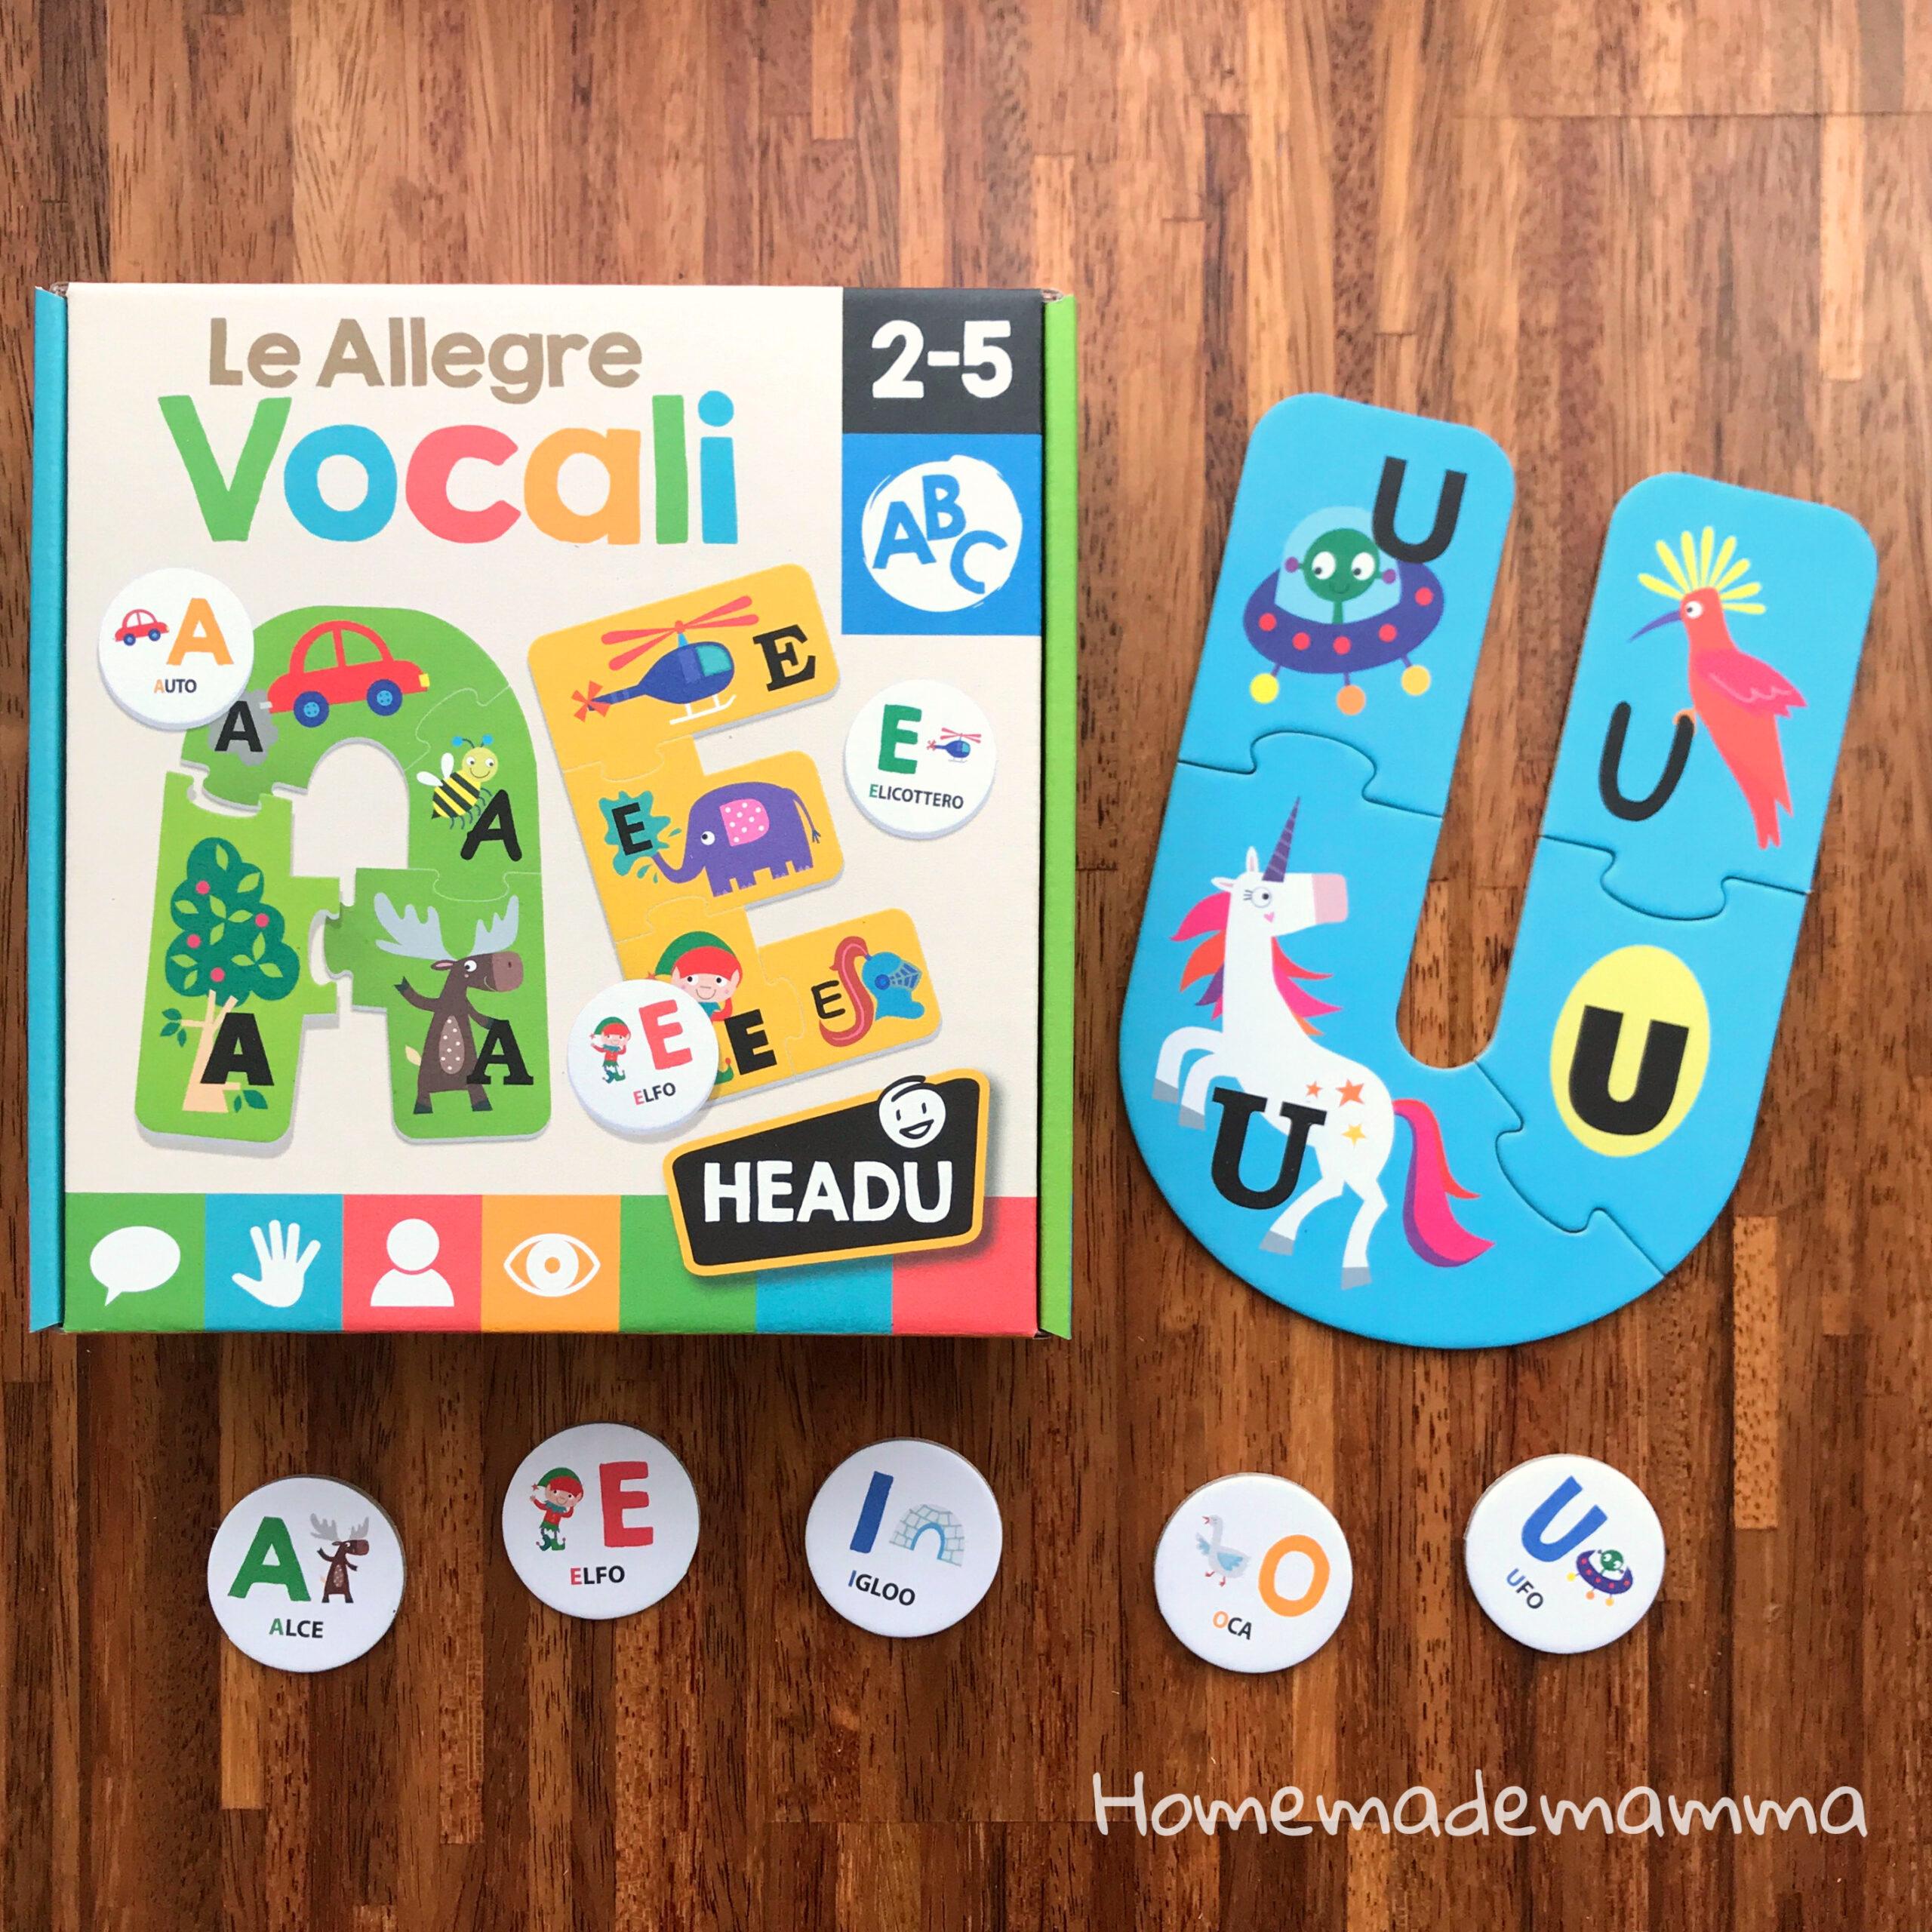 Headu allegre vocali gioco bambini come si gioca